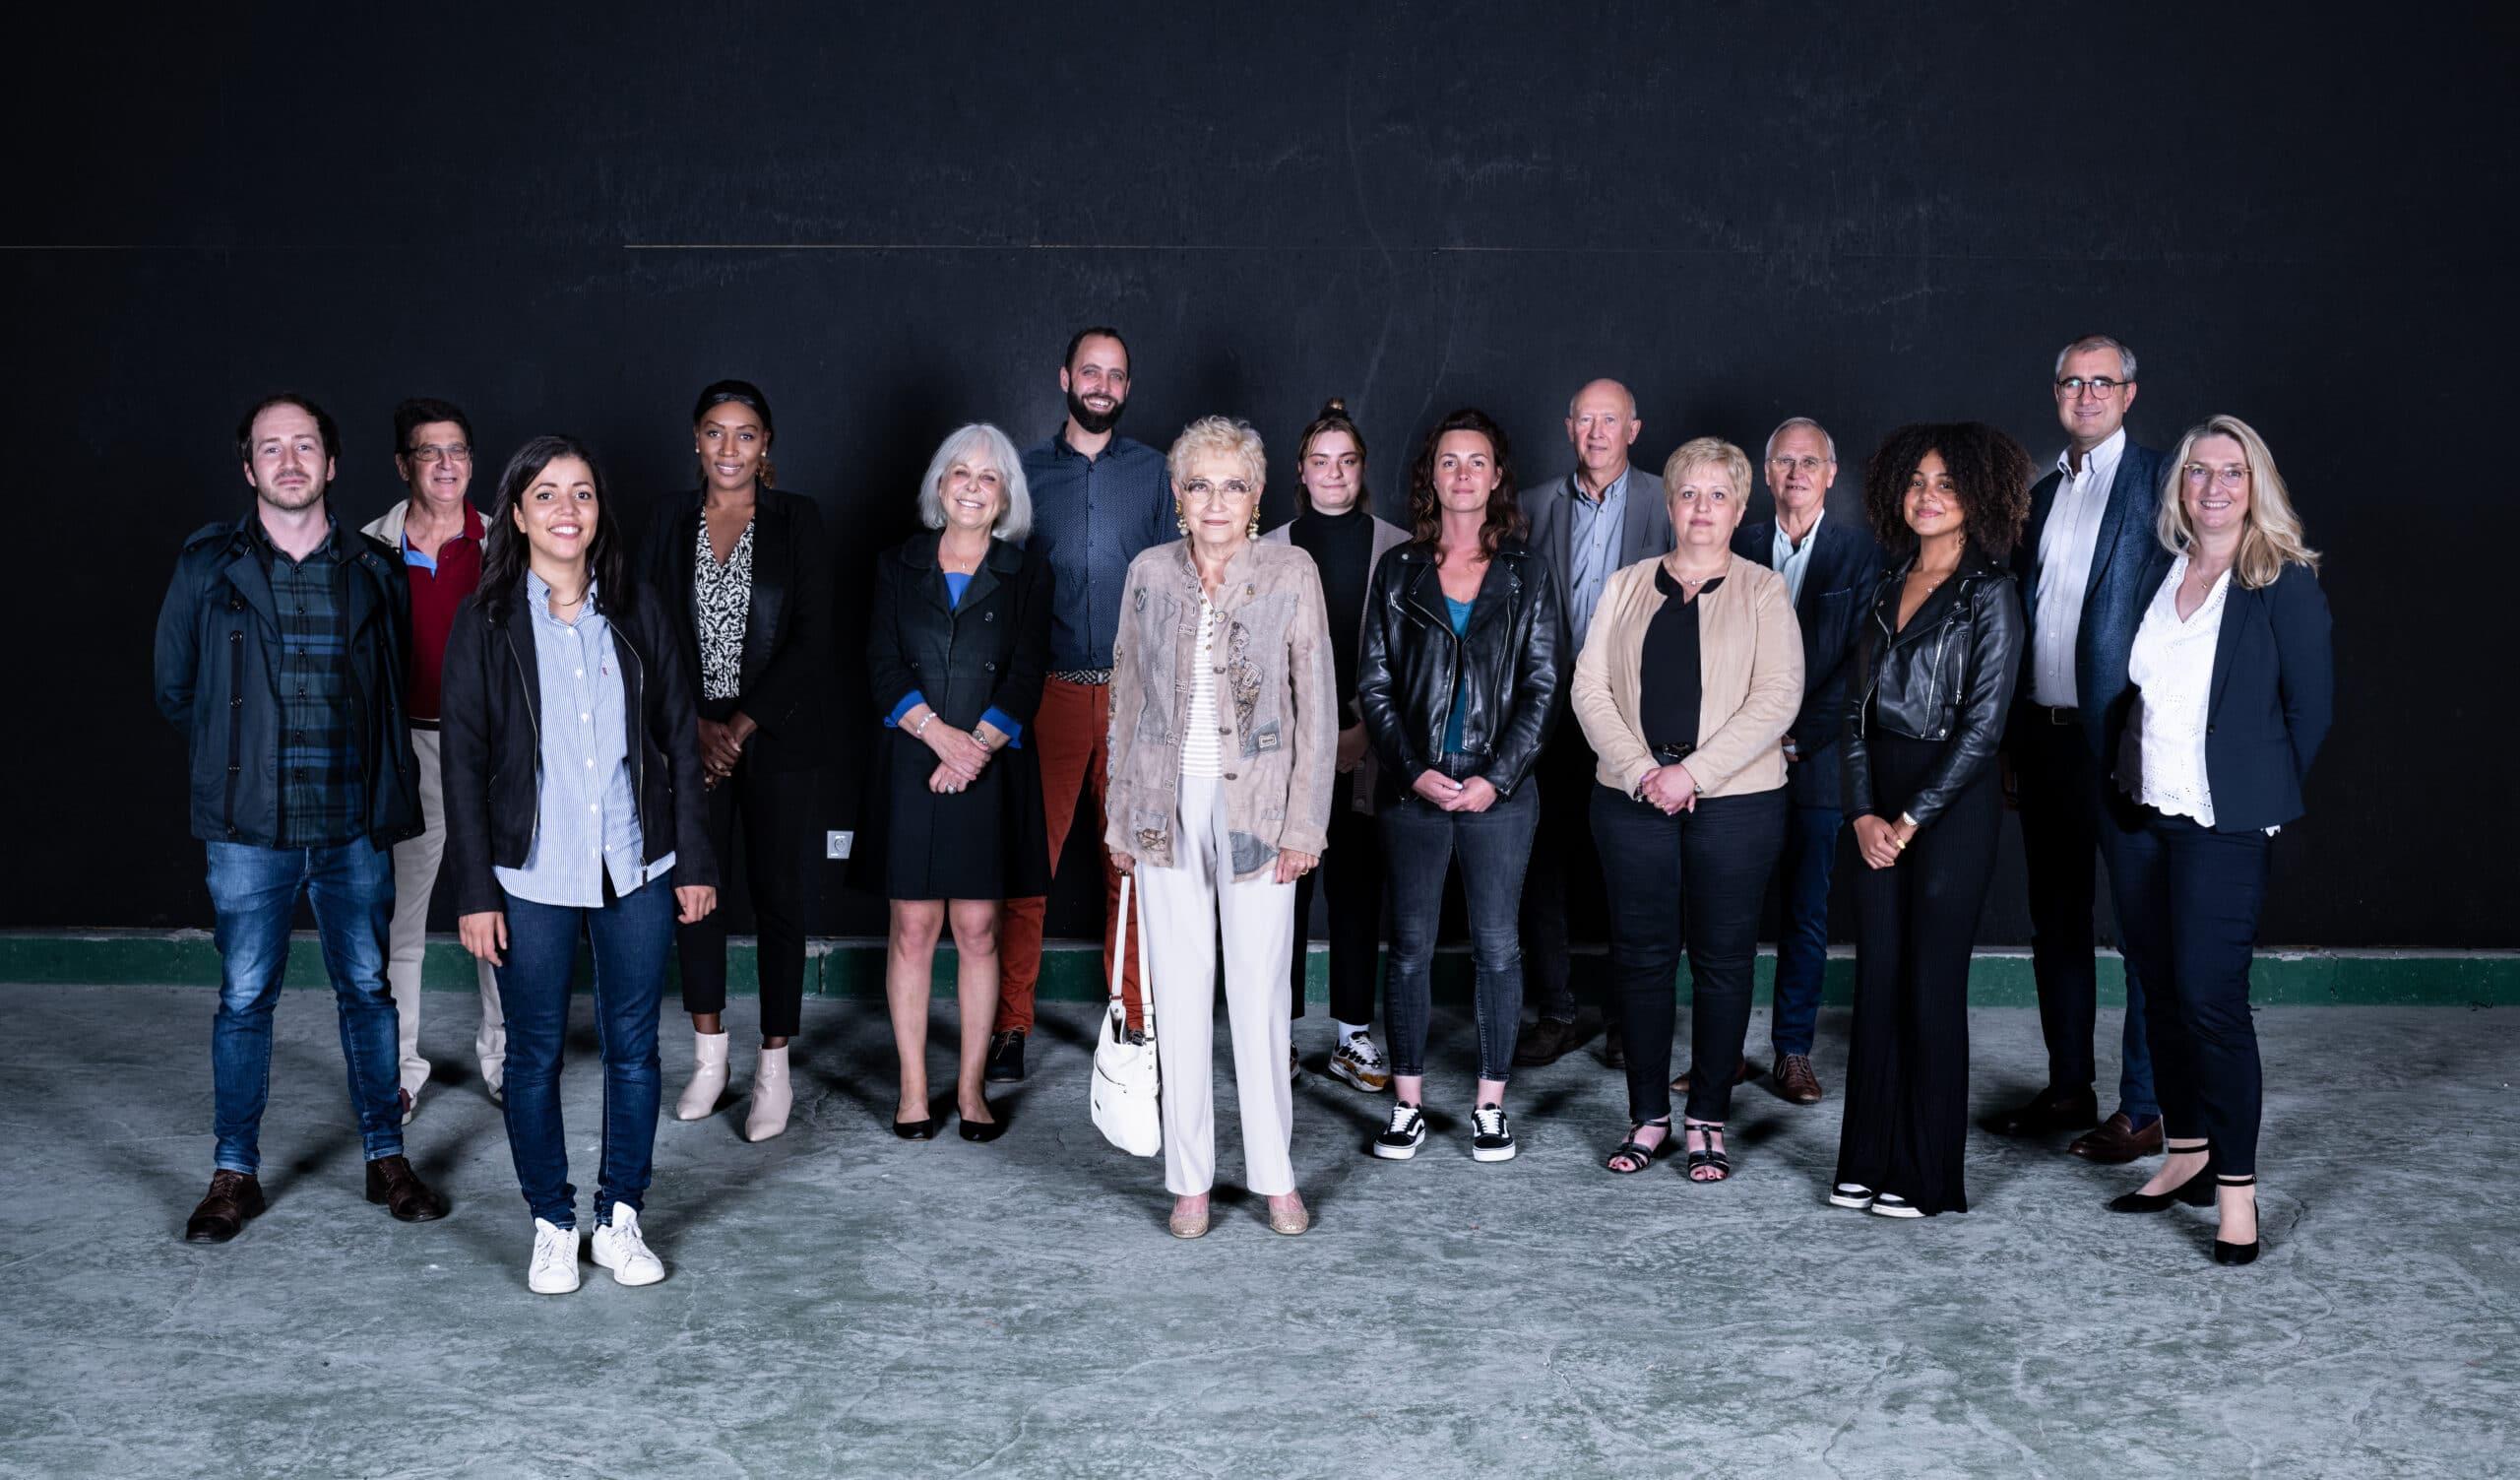 Initiative-Essone-une équipe pour soutenir l'entrepreneuriat  et la création d'entreprise en Essonne